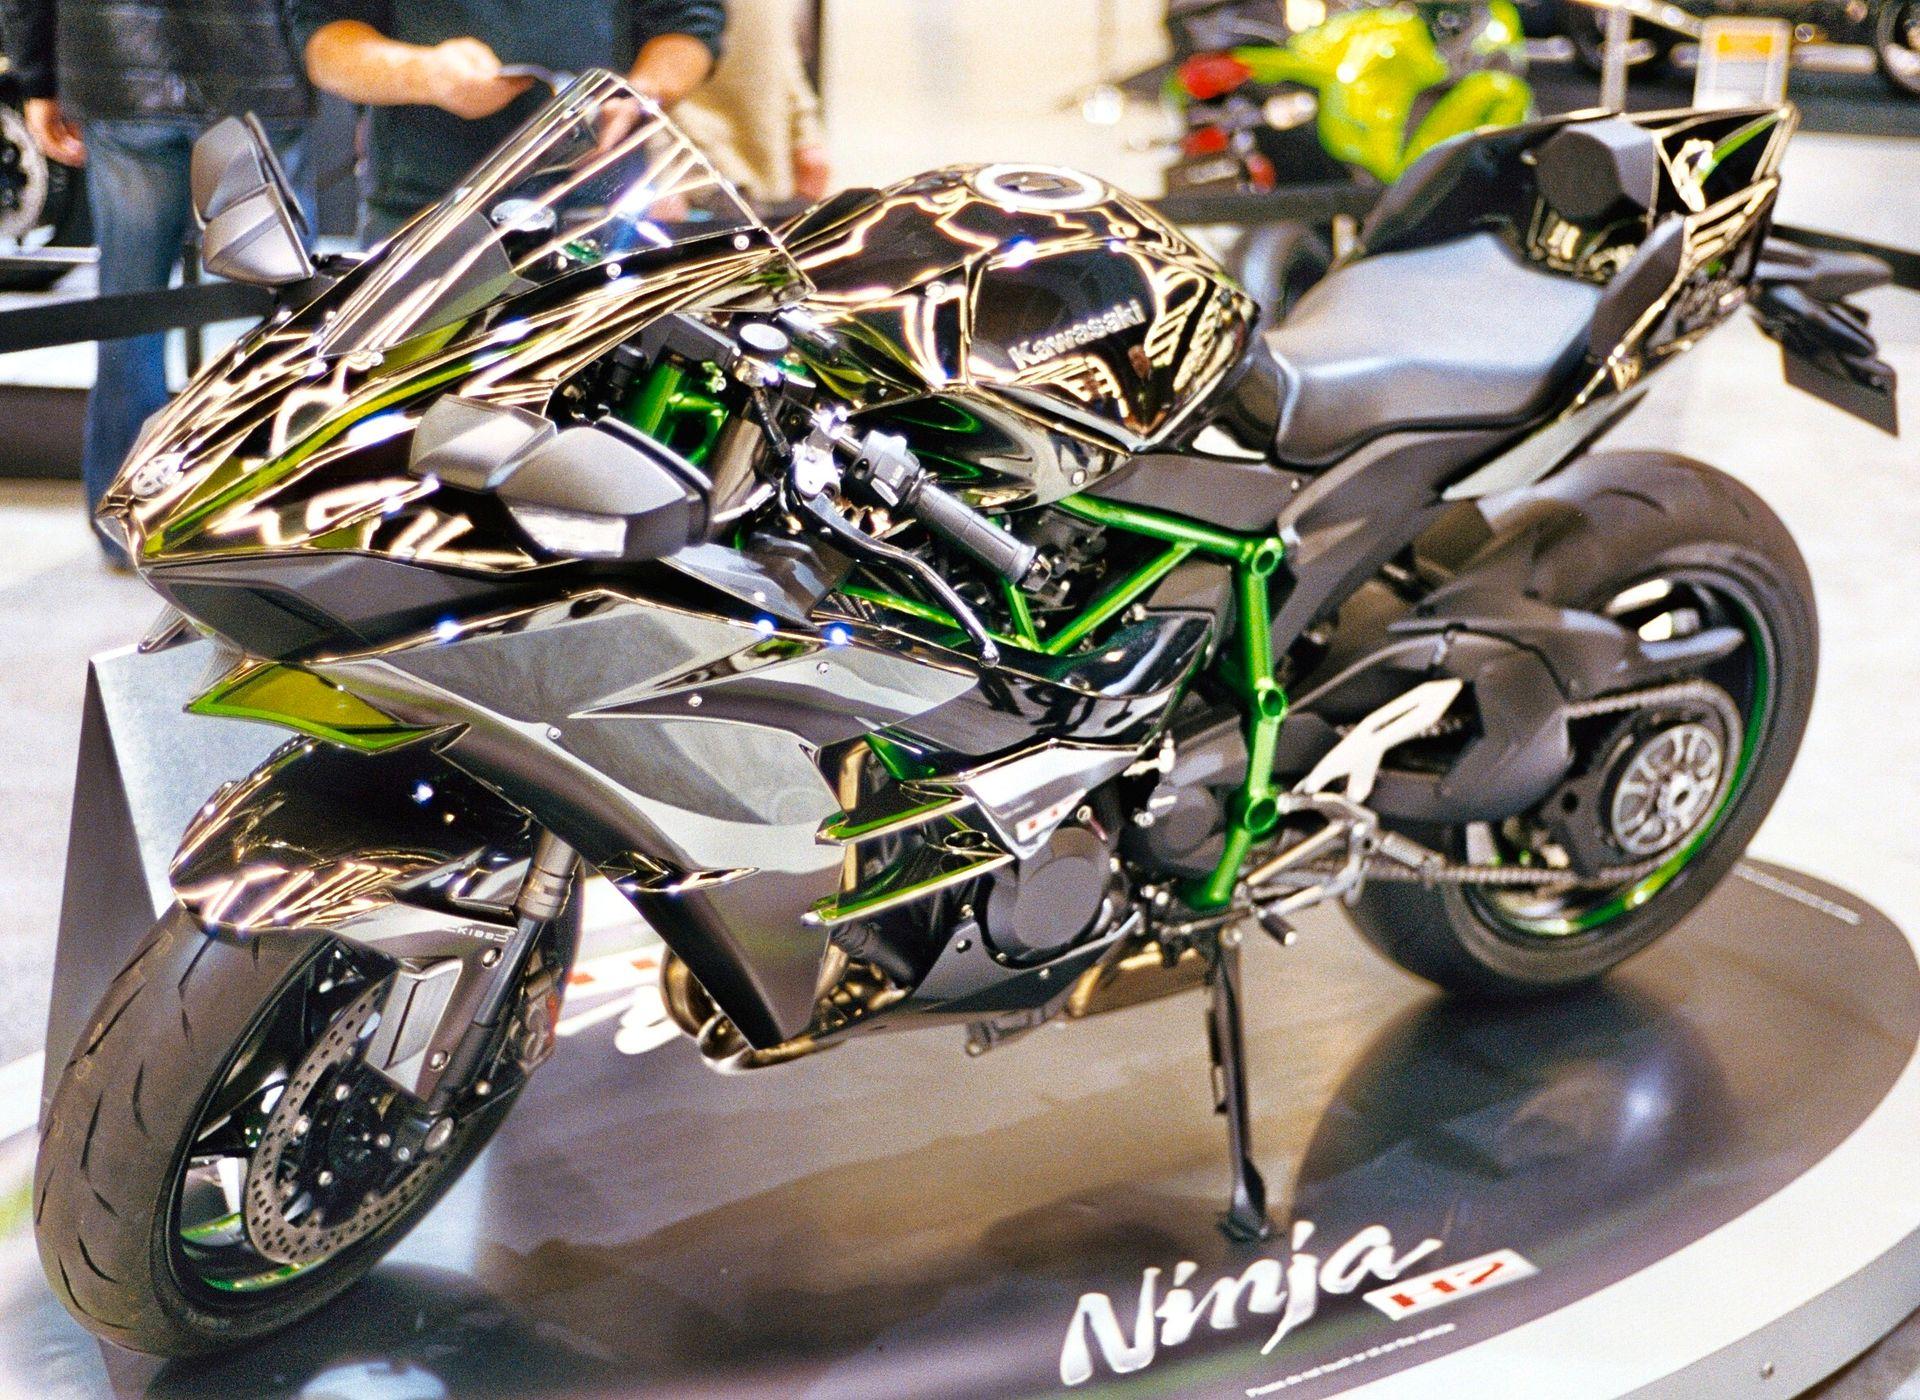 Kawasaki R Price Malaysia